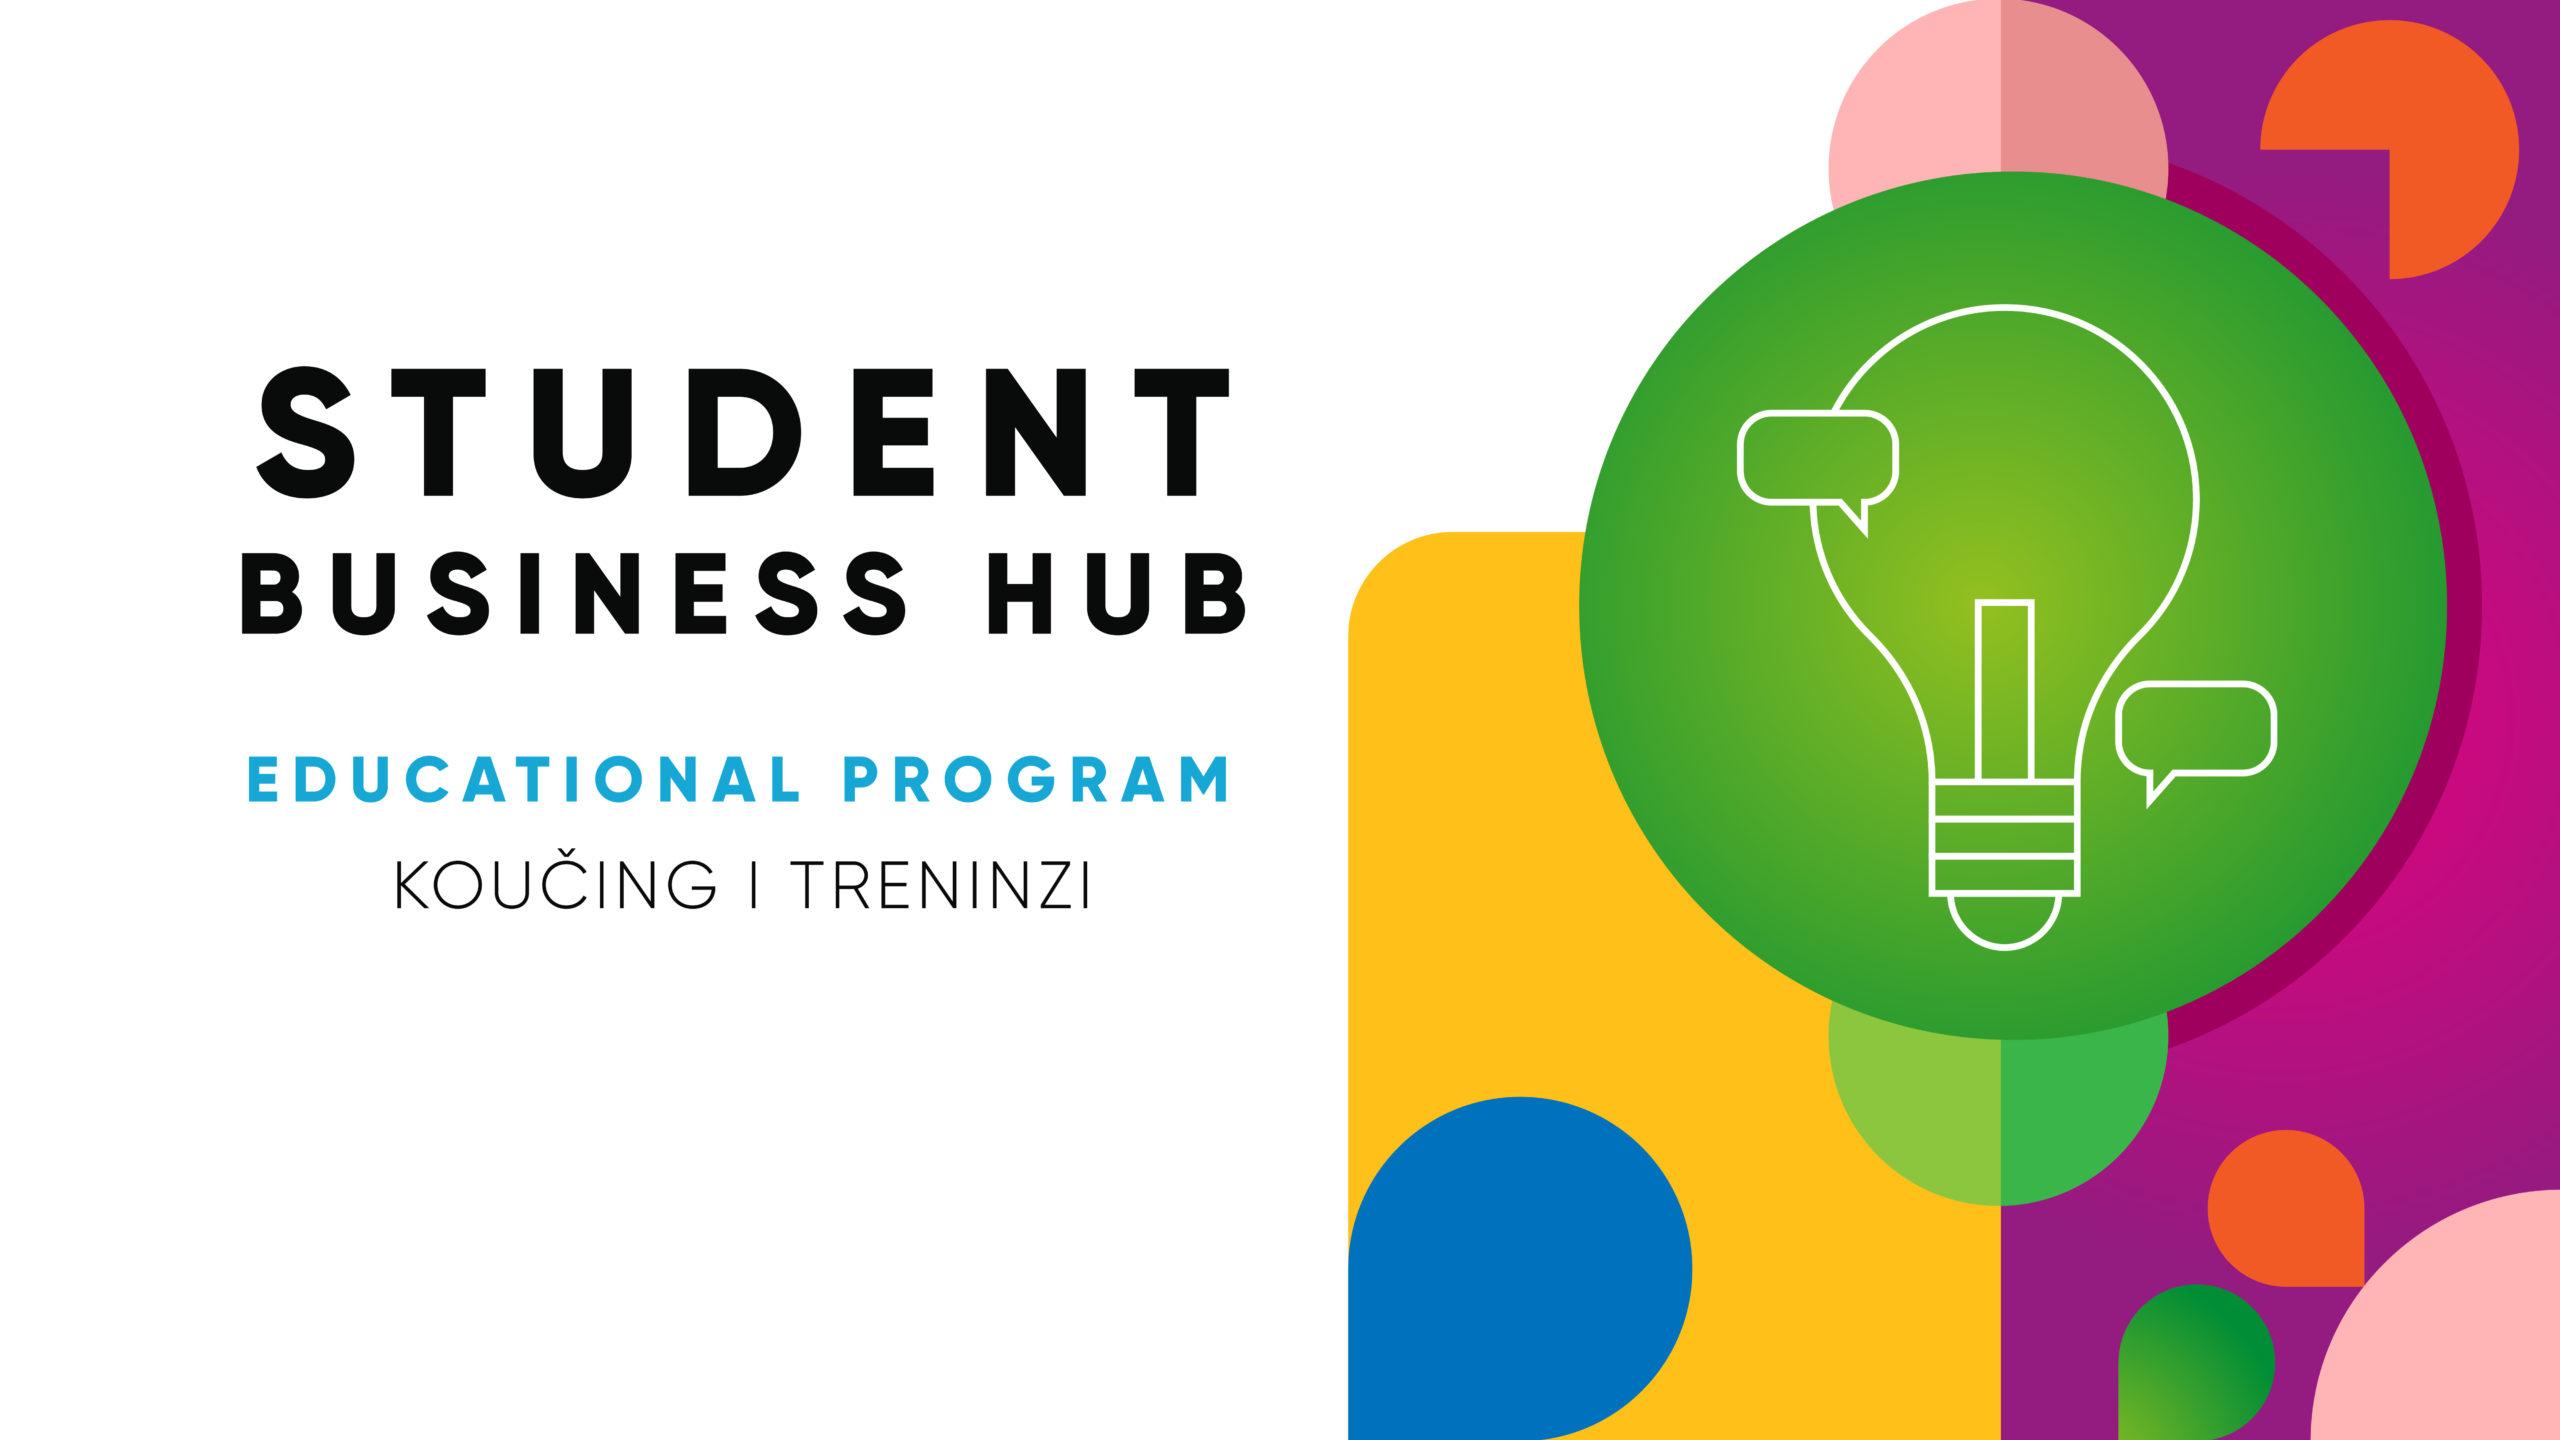 Otvorene prijave za STUDENT BUSINESS HUB